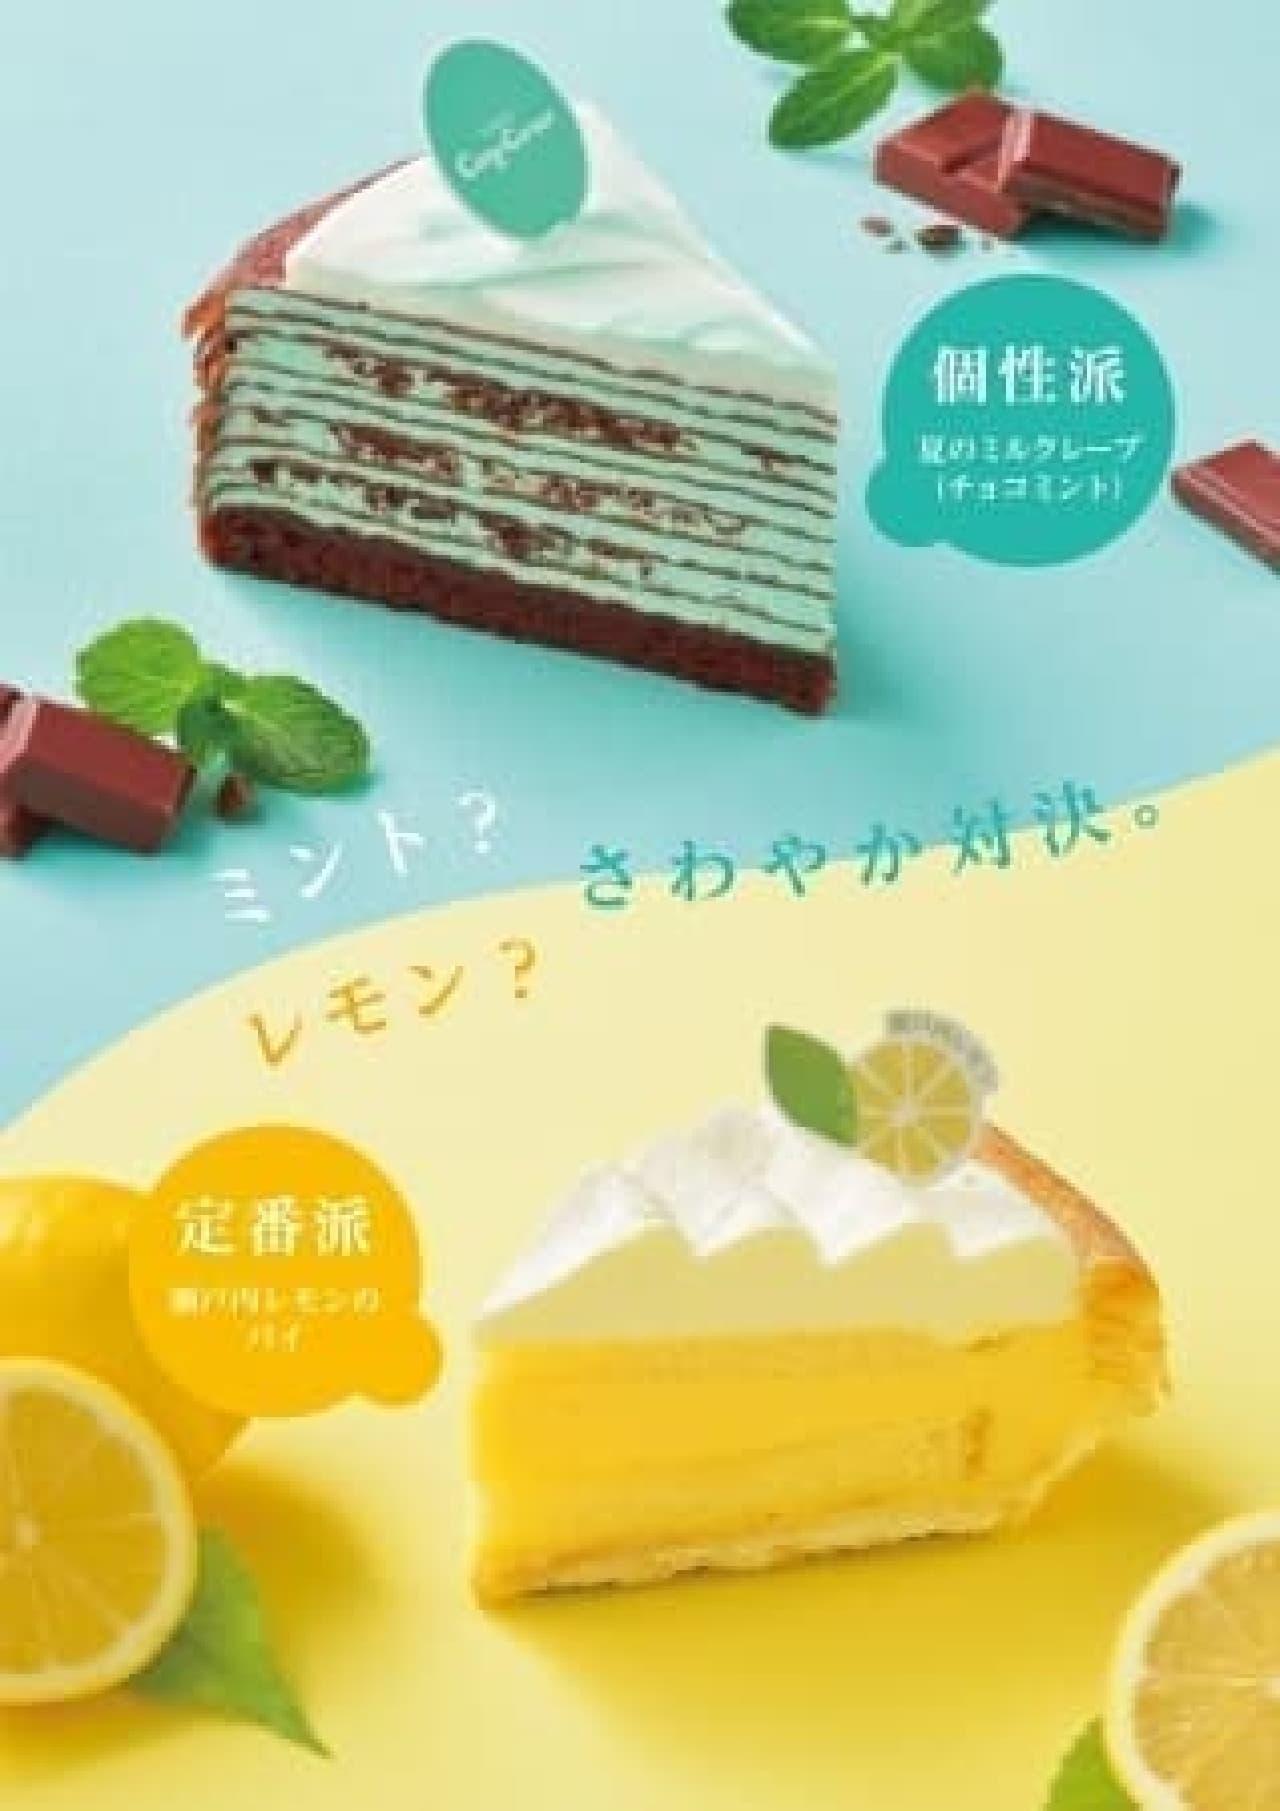 銀座コージーコーナーのチョコミント・瀬戸内レモンのスイーツ